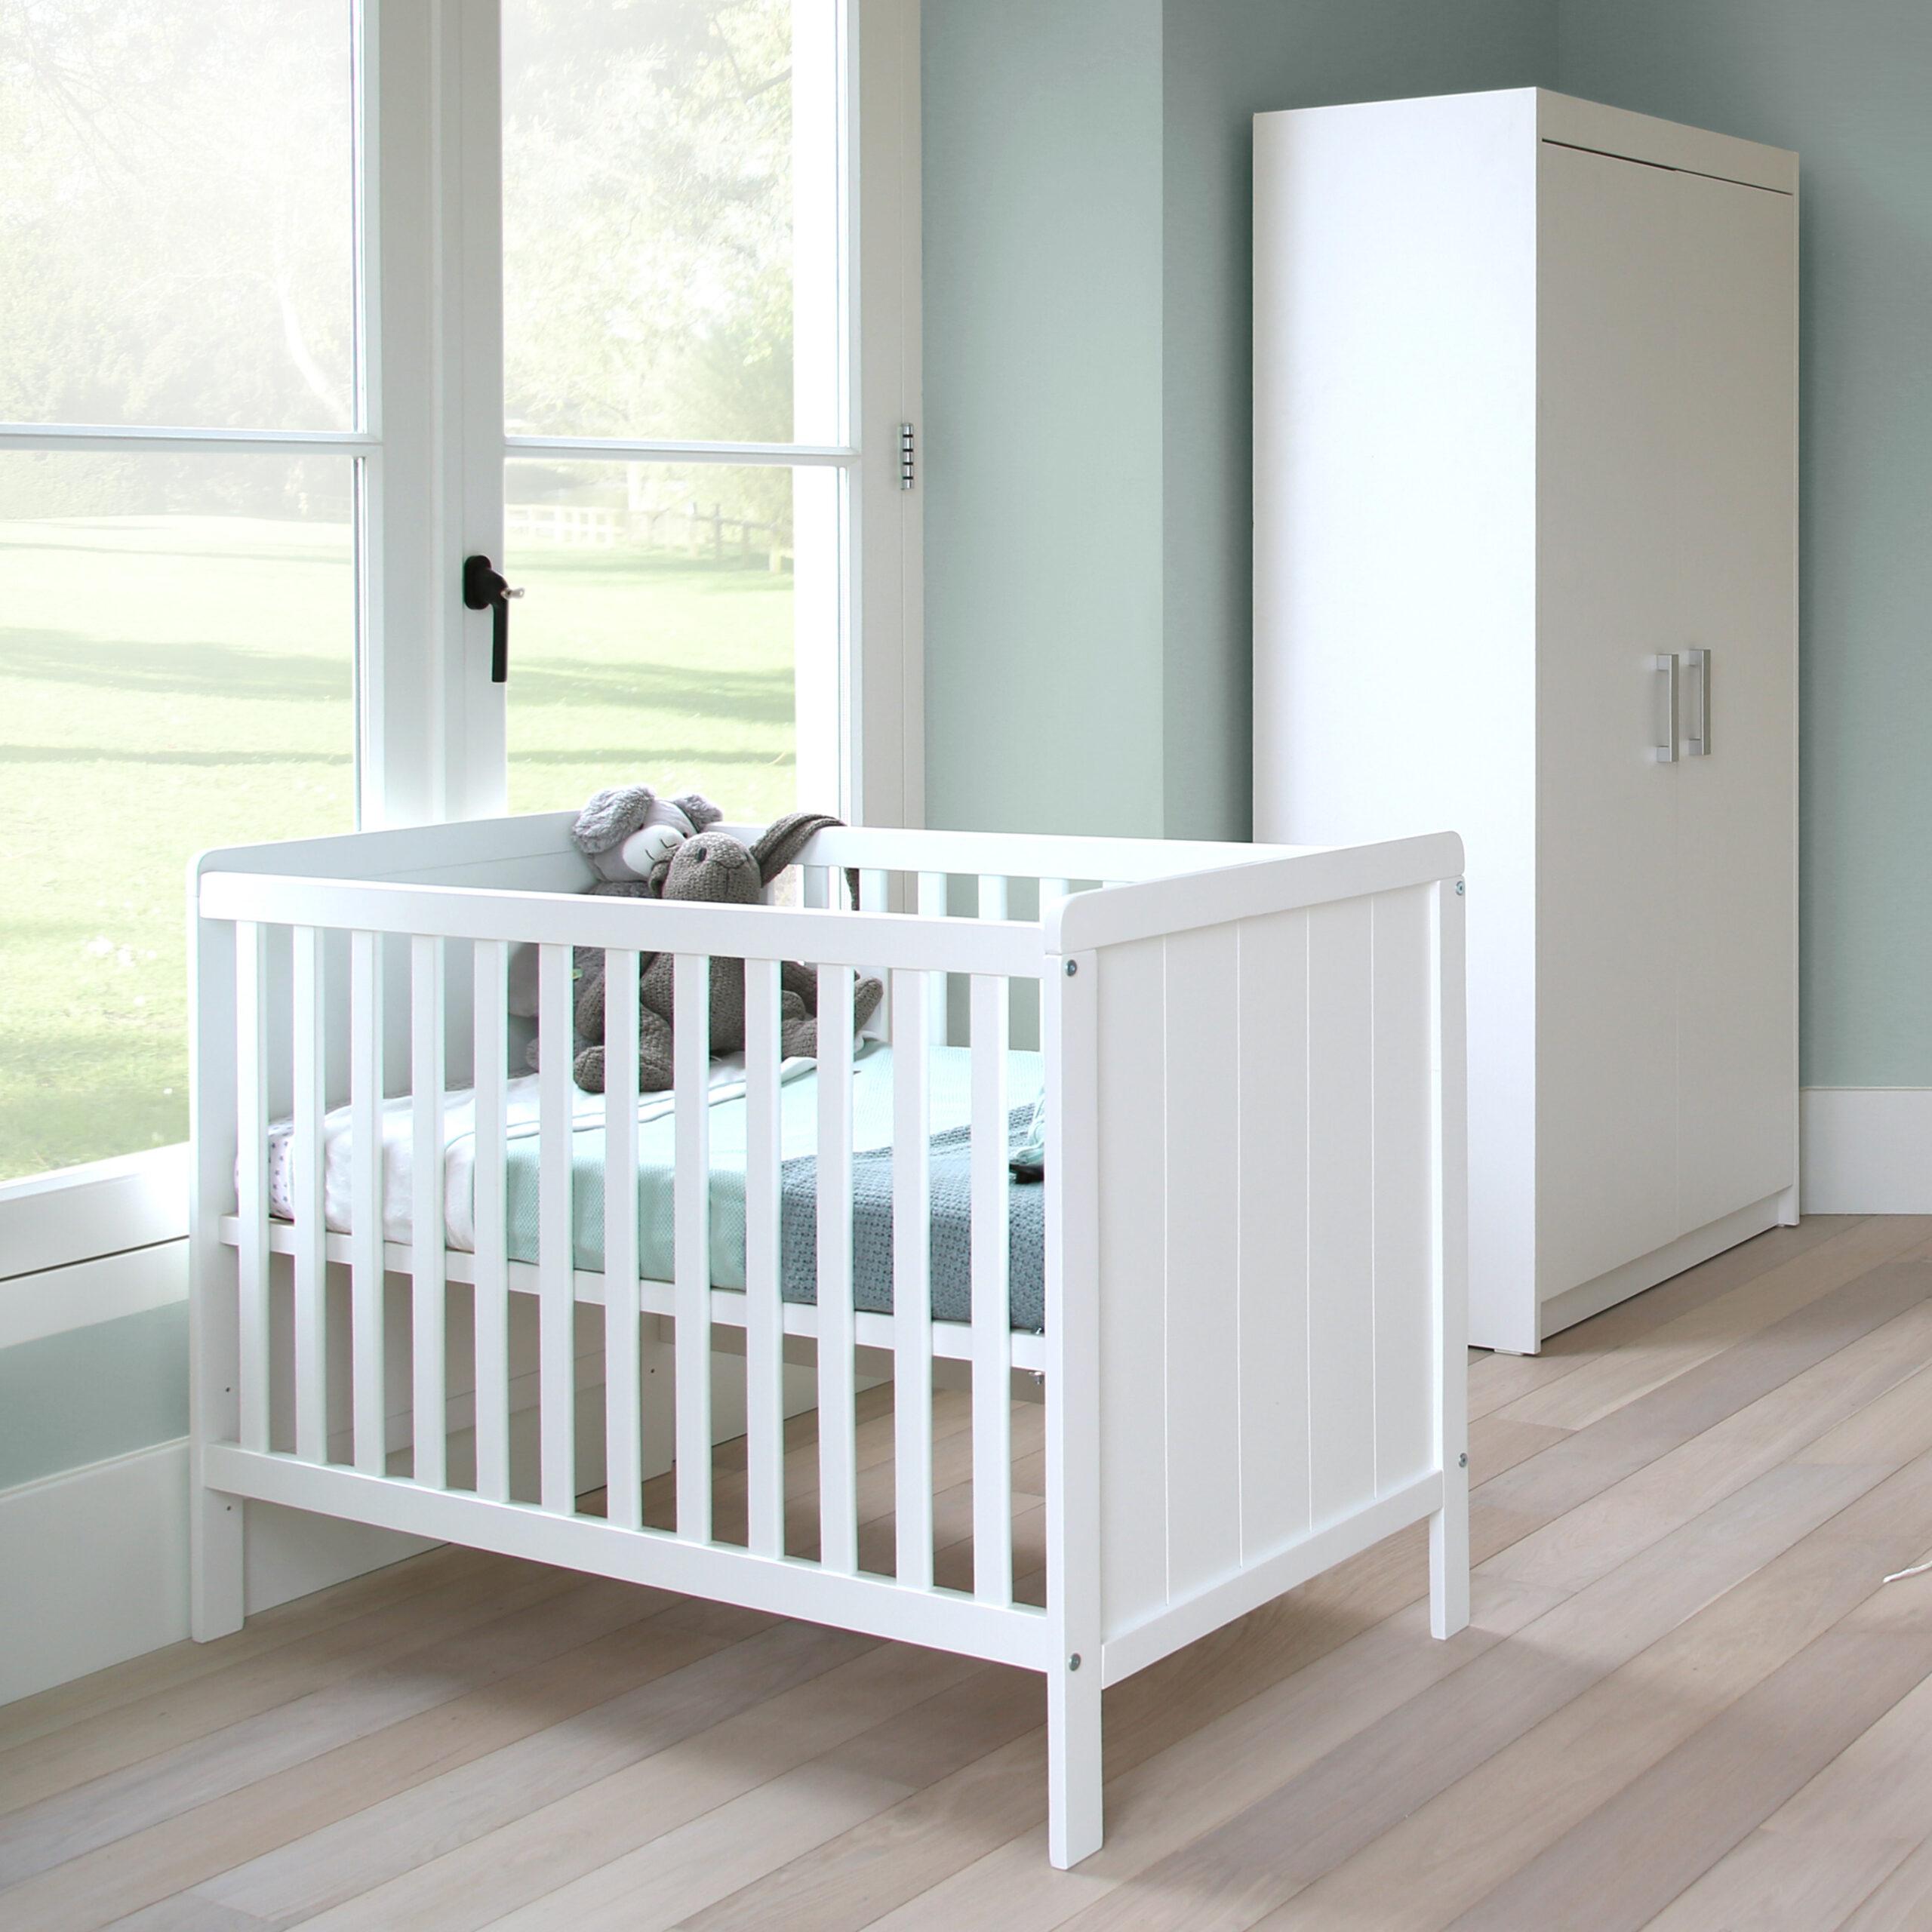 Full Size of Basicline Babybett Ralph In Wei 60 120 Cm Schwarze Küche Schwarzes Bett 180x200 Schwarz Weiß Wohnzimmer Babybett Schwarz